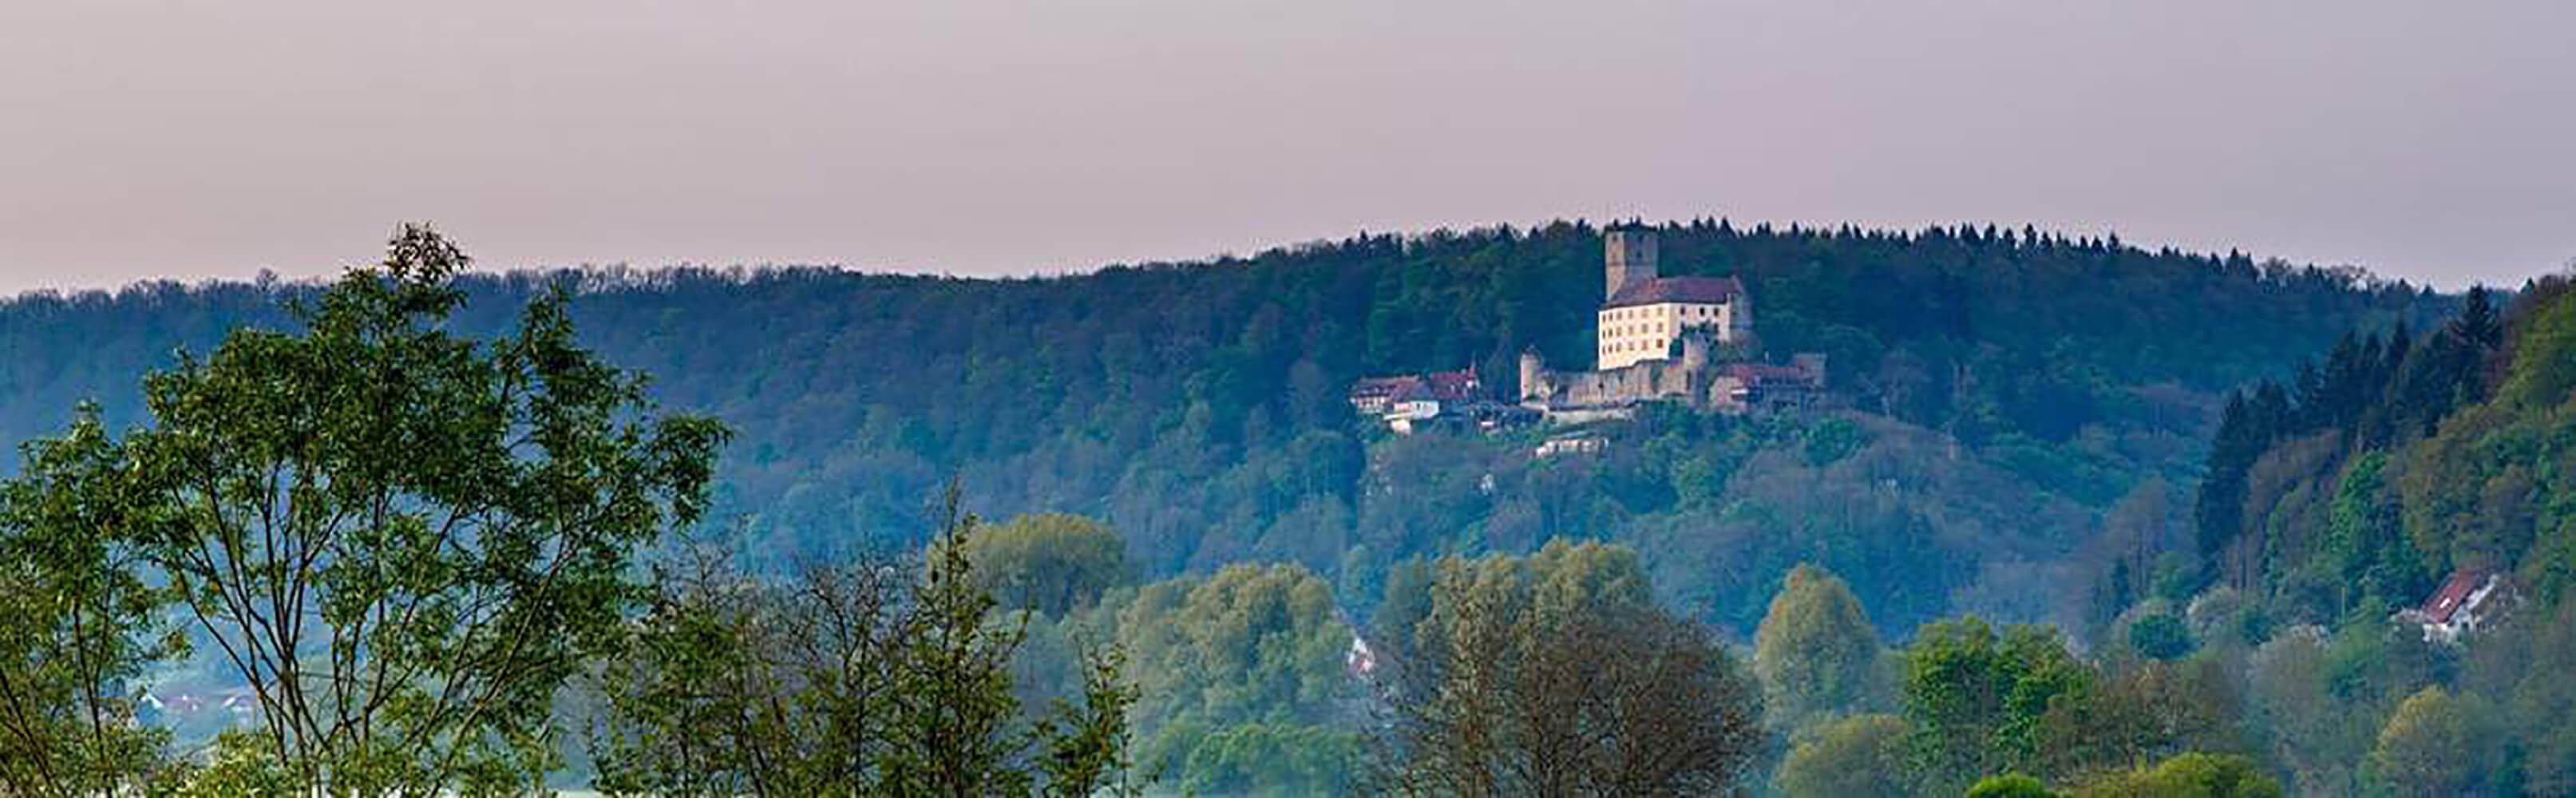 Die Burgenstrasse im Heilbronner Land 1